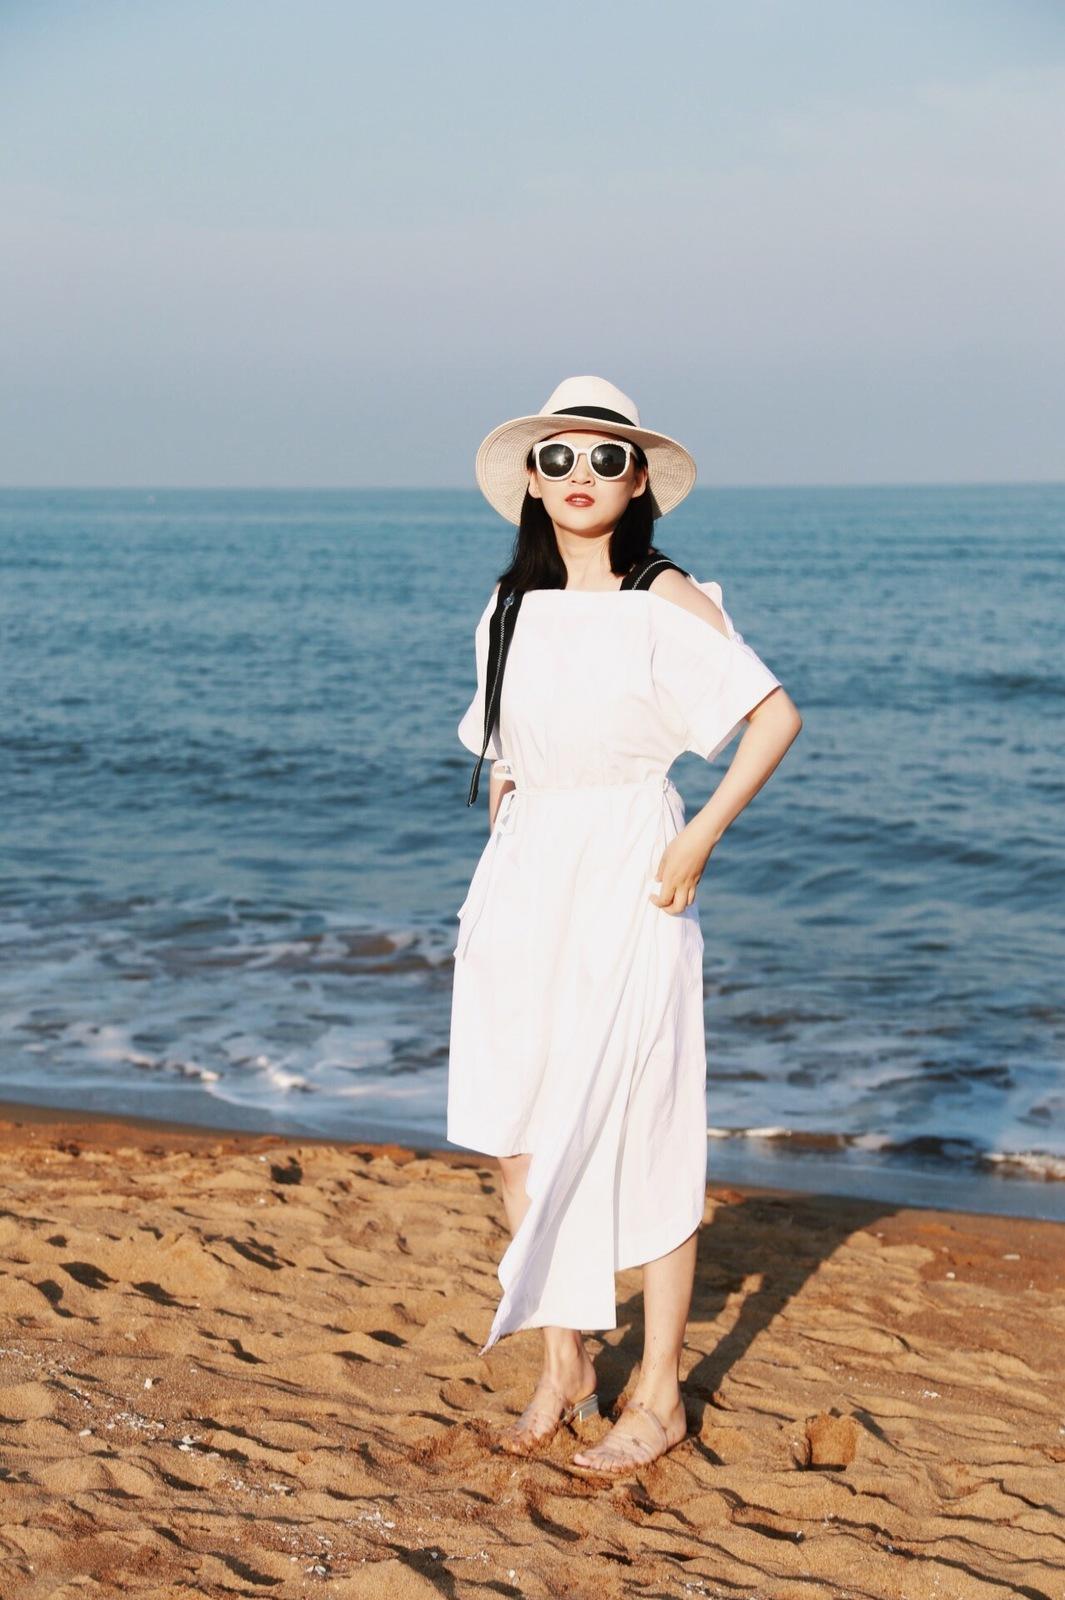 #火炉城市高温穿搭打卡!#夏天避暑旅行最佳选择当然是白色,无论是海岛游,草原游,都市游,白色在许多带着旅拍标签的红裙子花裙子中间都是最高级的,今天穿的这件下摆不对称设计,特别适合海边穿搭打卡